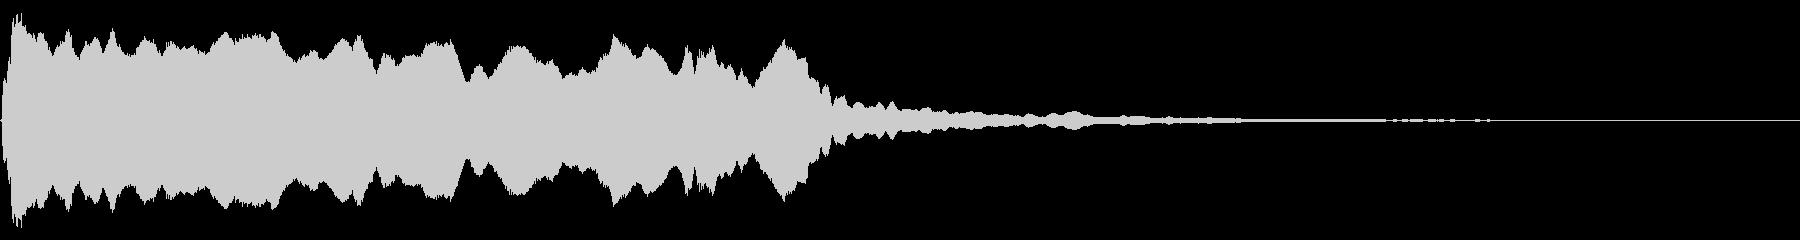 シンプル トランペット リバーブの未再生の波形